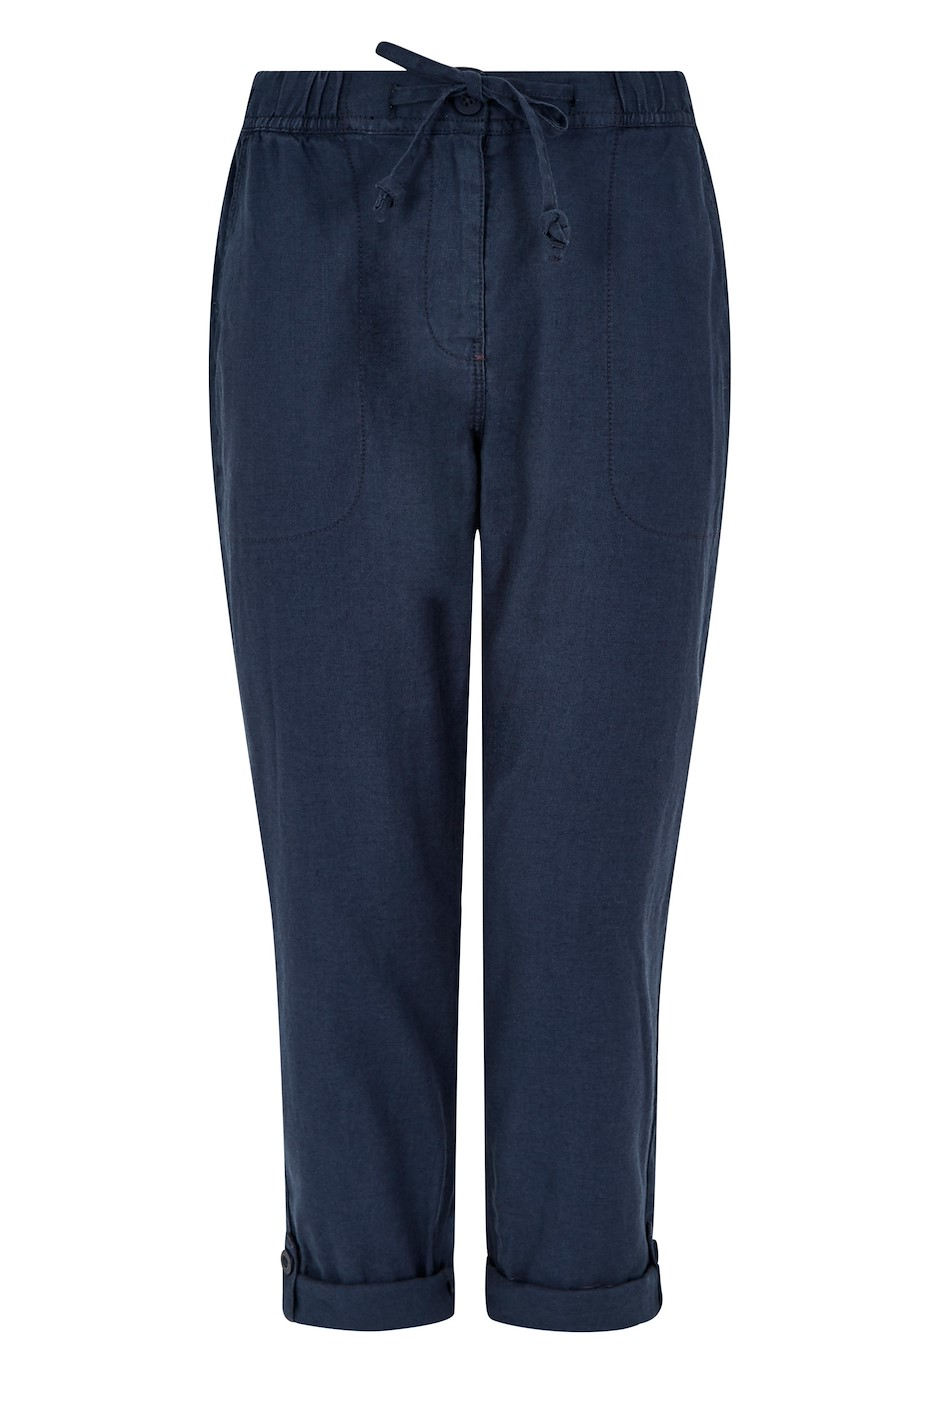 Kenna Linen Crop Trousers Dark Navy